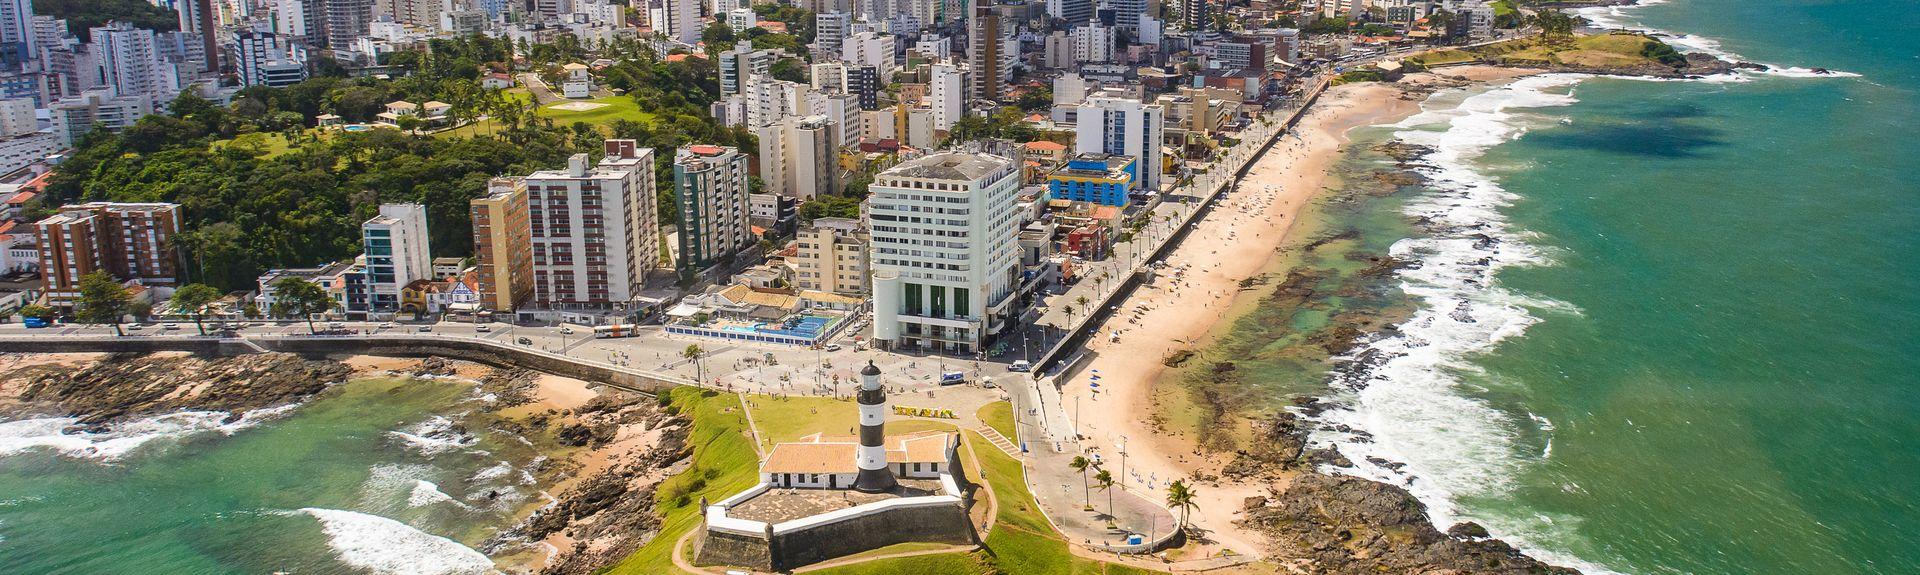 Salvador, Bahia (state), Brazil